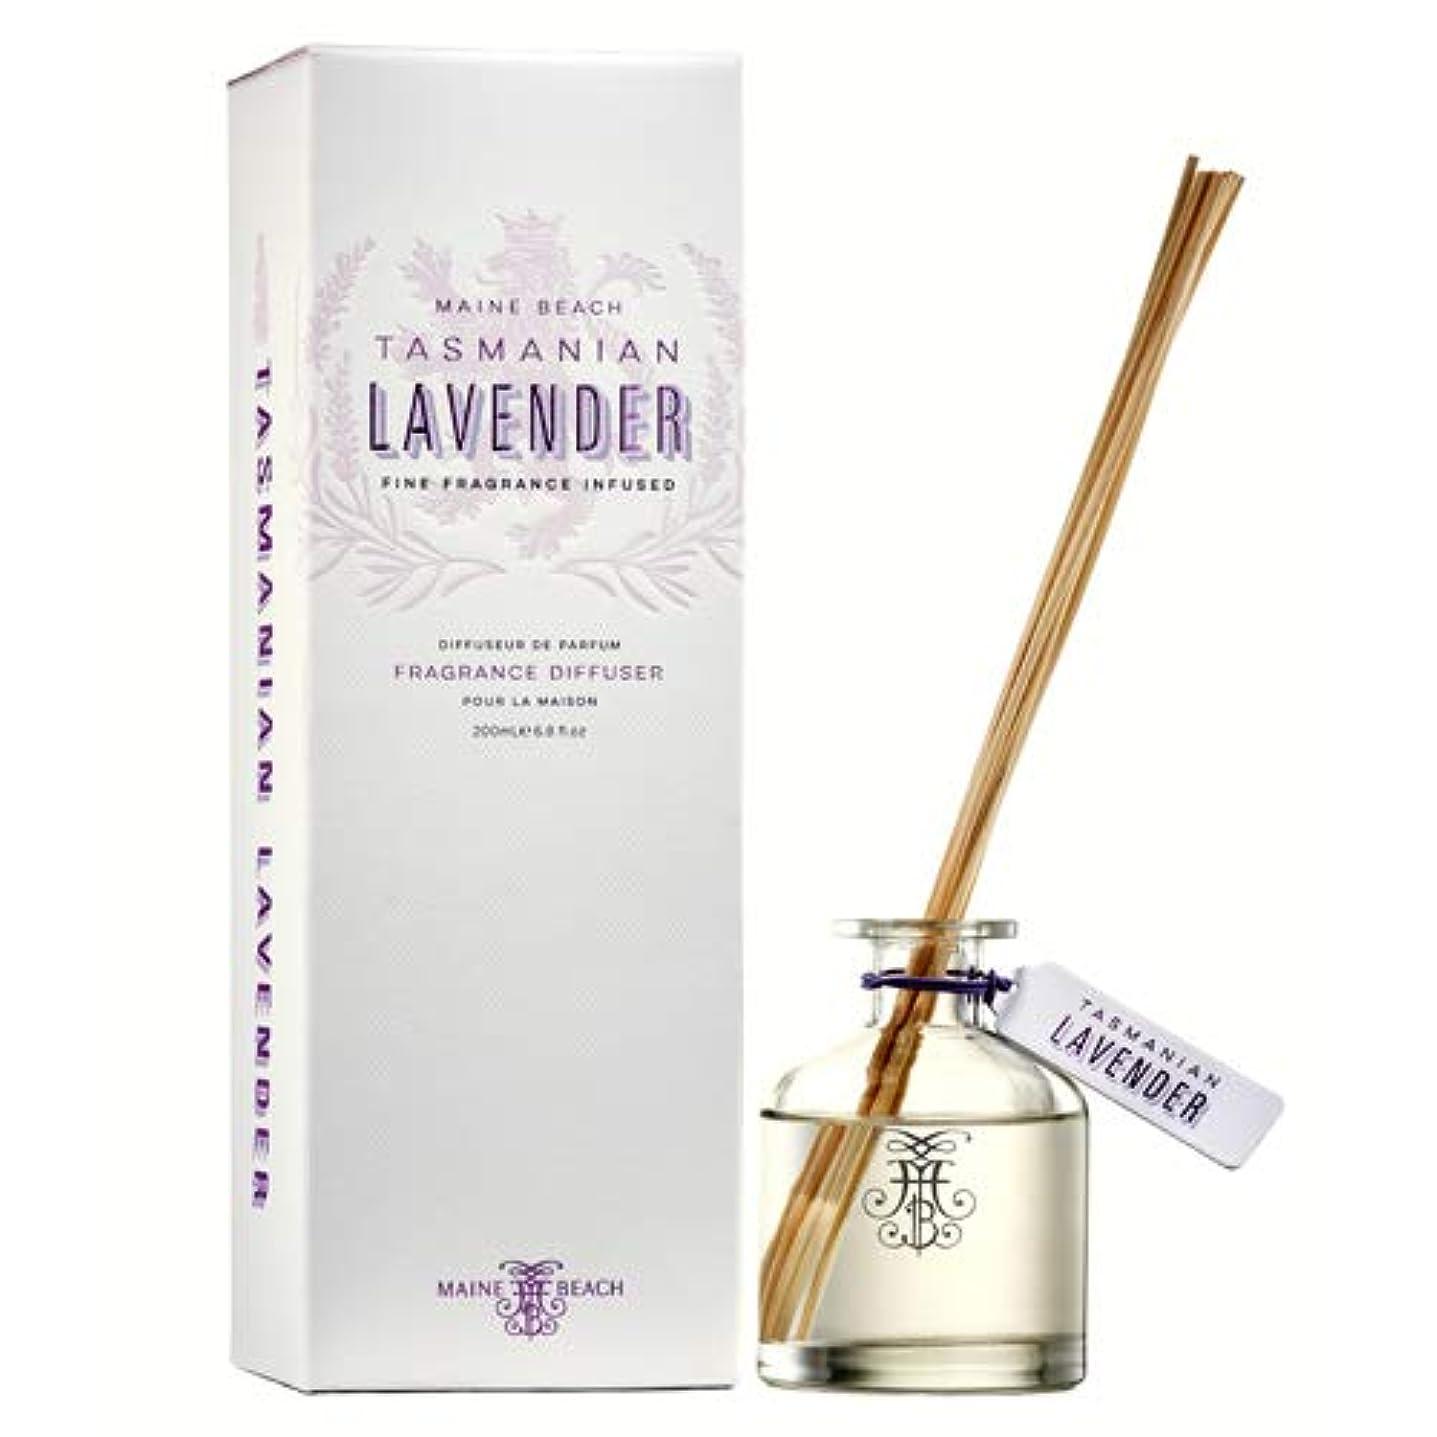 ポテト基礎無しMAINE BEACH マインビーチ TASMANIAN LAVENDER タスマニアン ラベンダー Fragrance Diffuser フレグランス ディフューザー